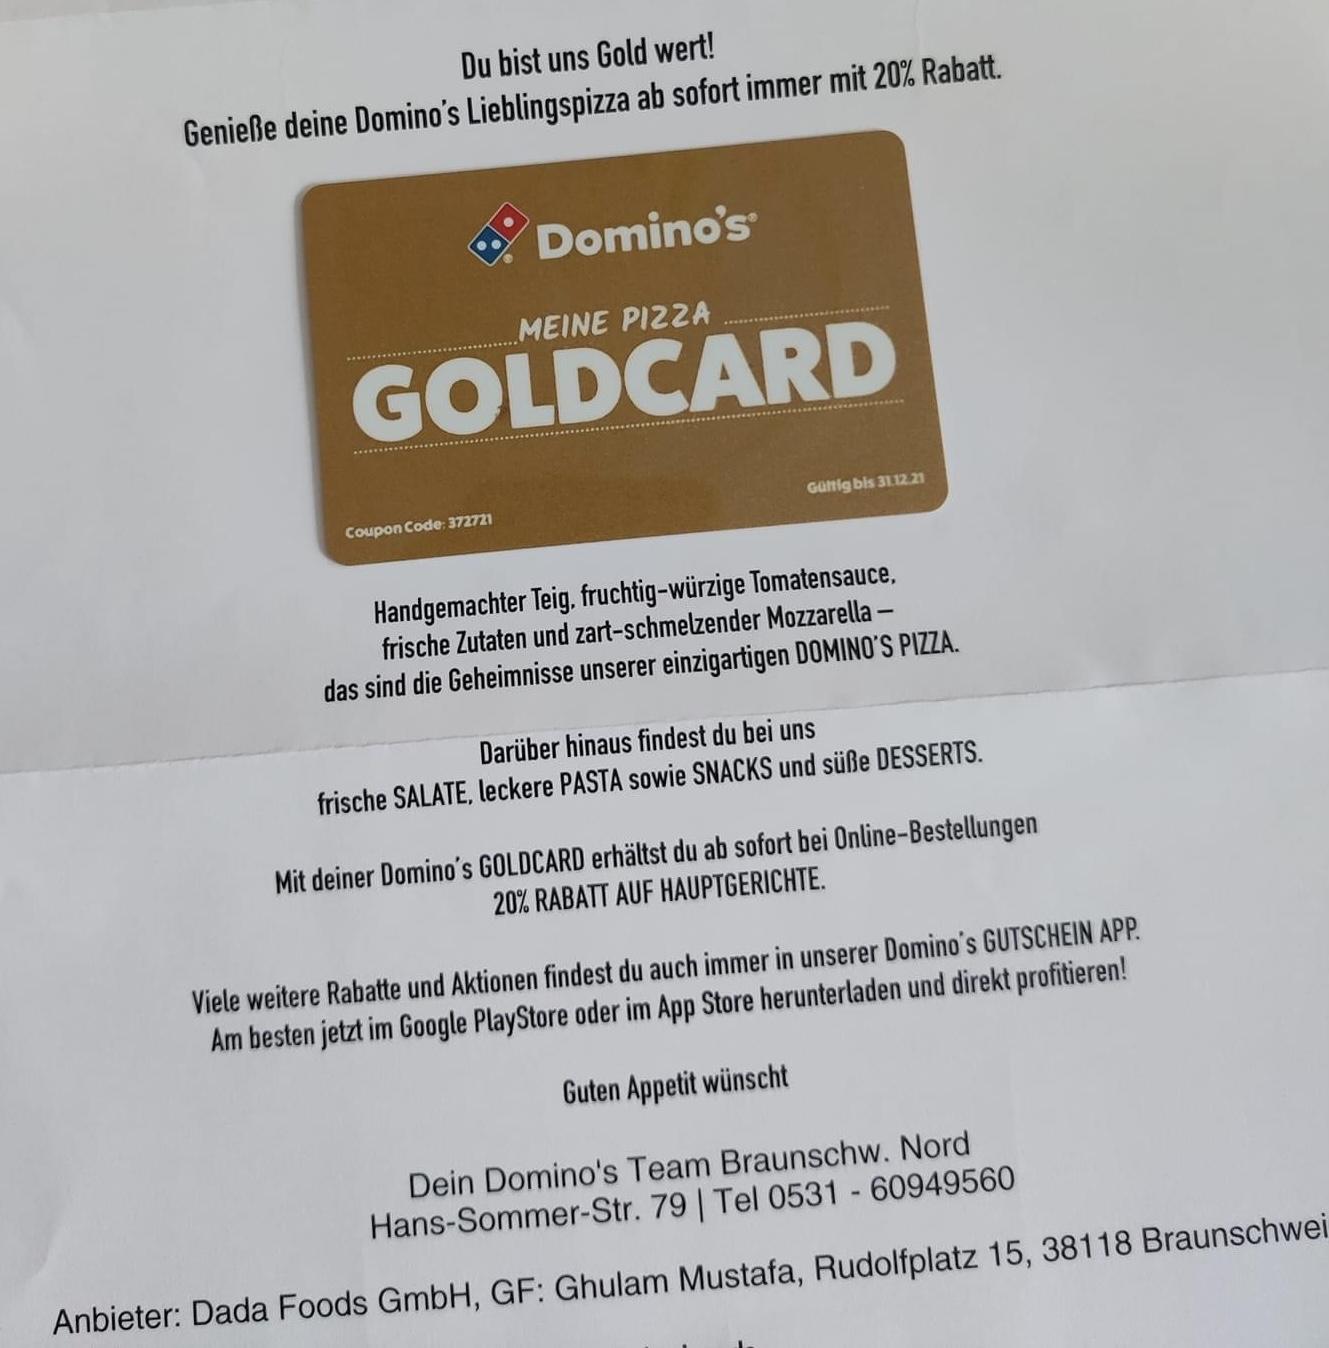 Raum Wolfenbüttel/Braunschweig/Hannover/Dresden/Düsseldorf/Hamburg Dominos Goldcard 2021 20% Rabatt